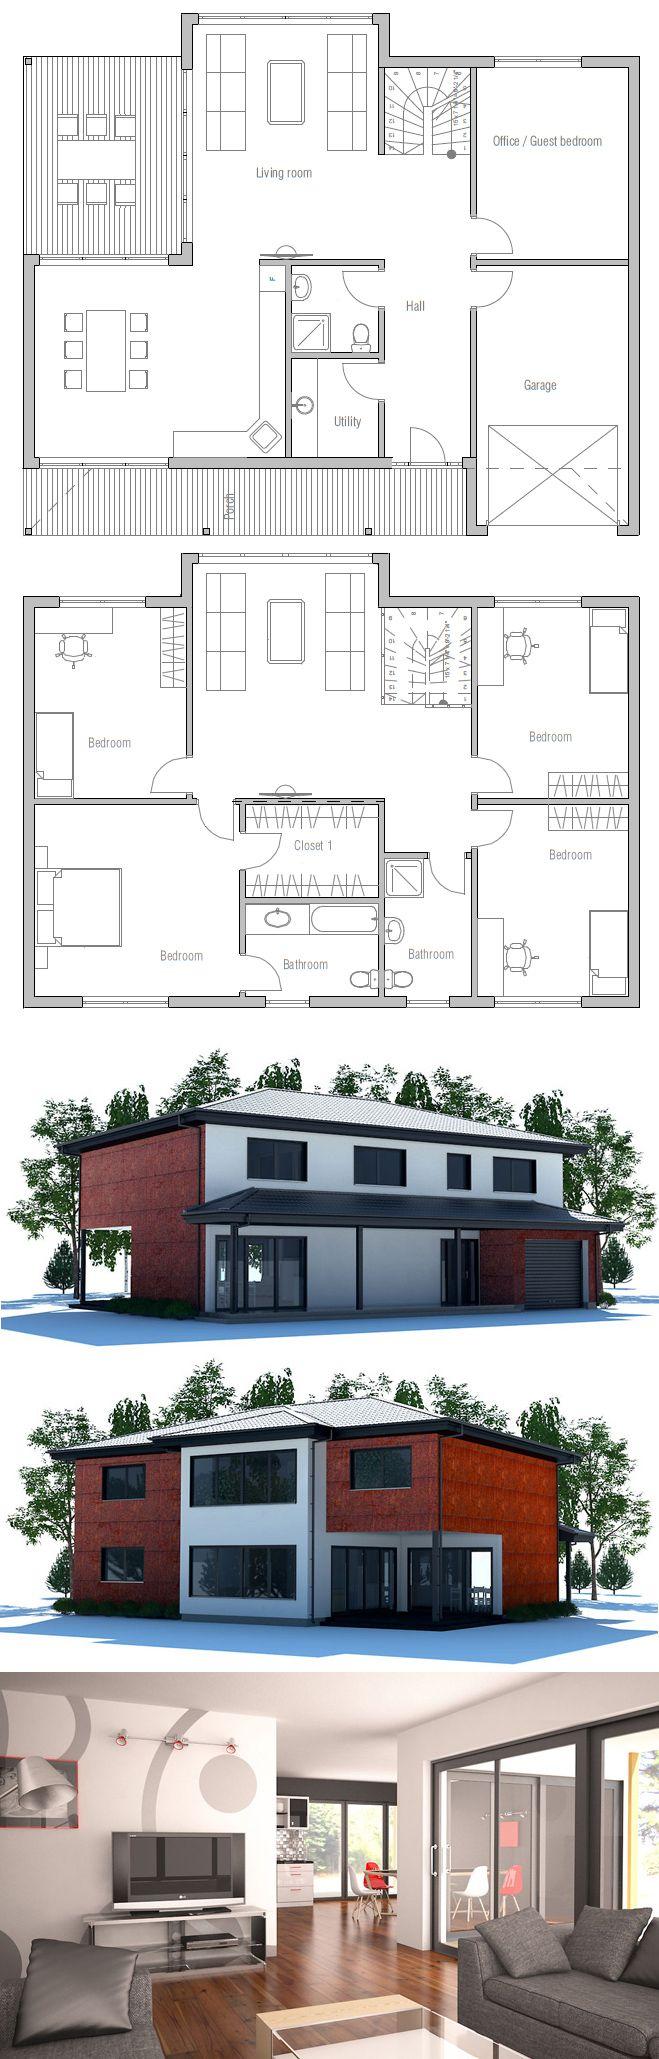 Haus grundrisse zukunft traumhaus duplex haus pläne hausgrundrisse einfache hauspläne haus blaupausen moderne häuser haus design